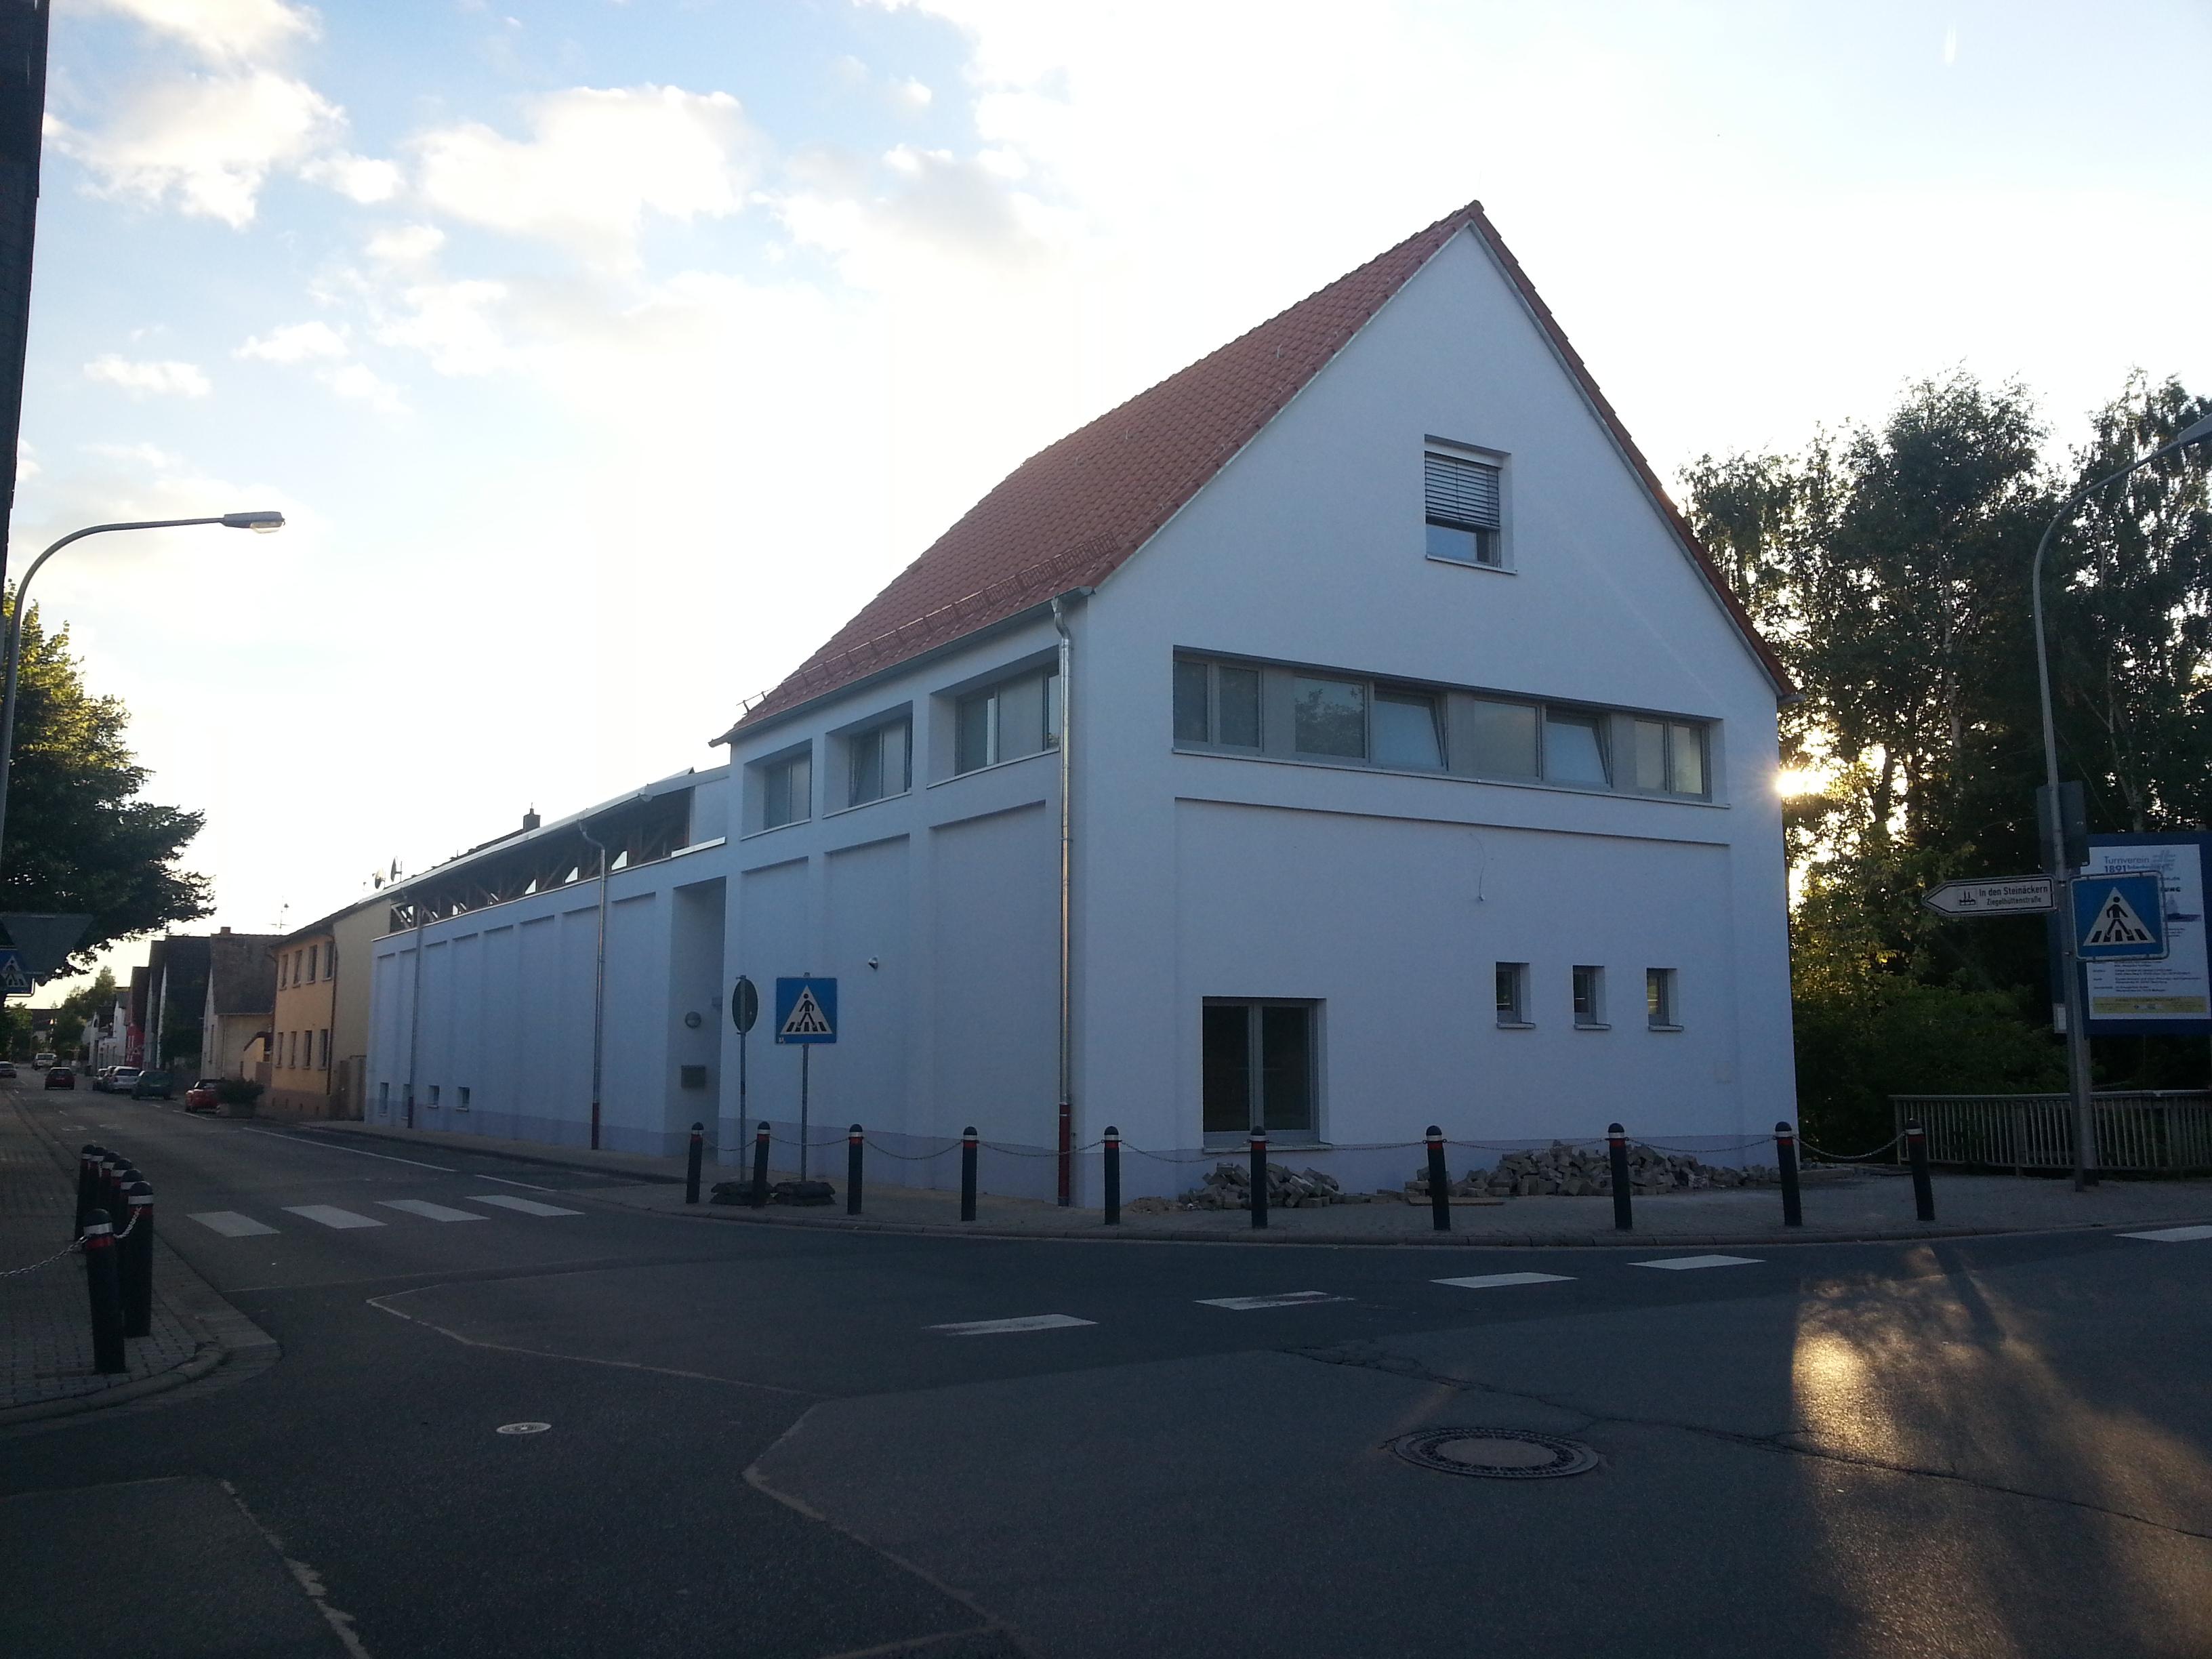 BV Trurnhalle Babenhausen